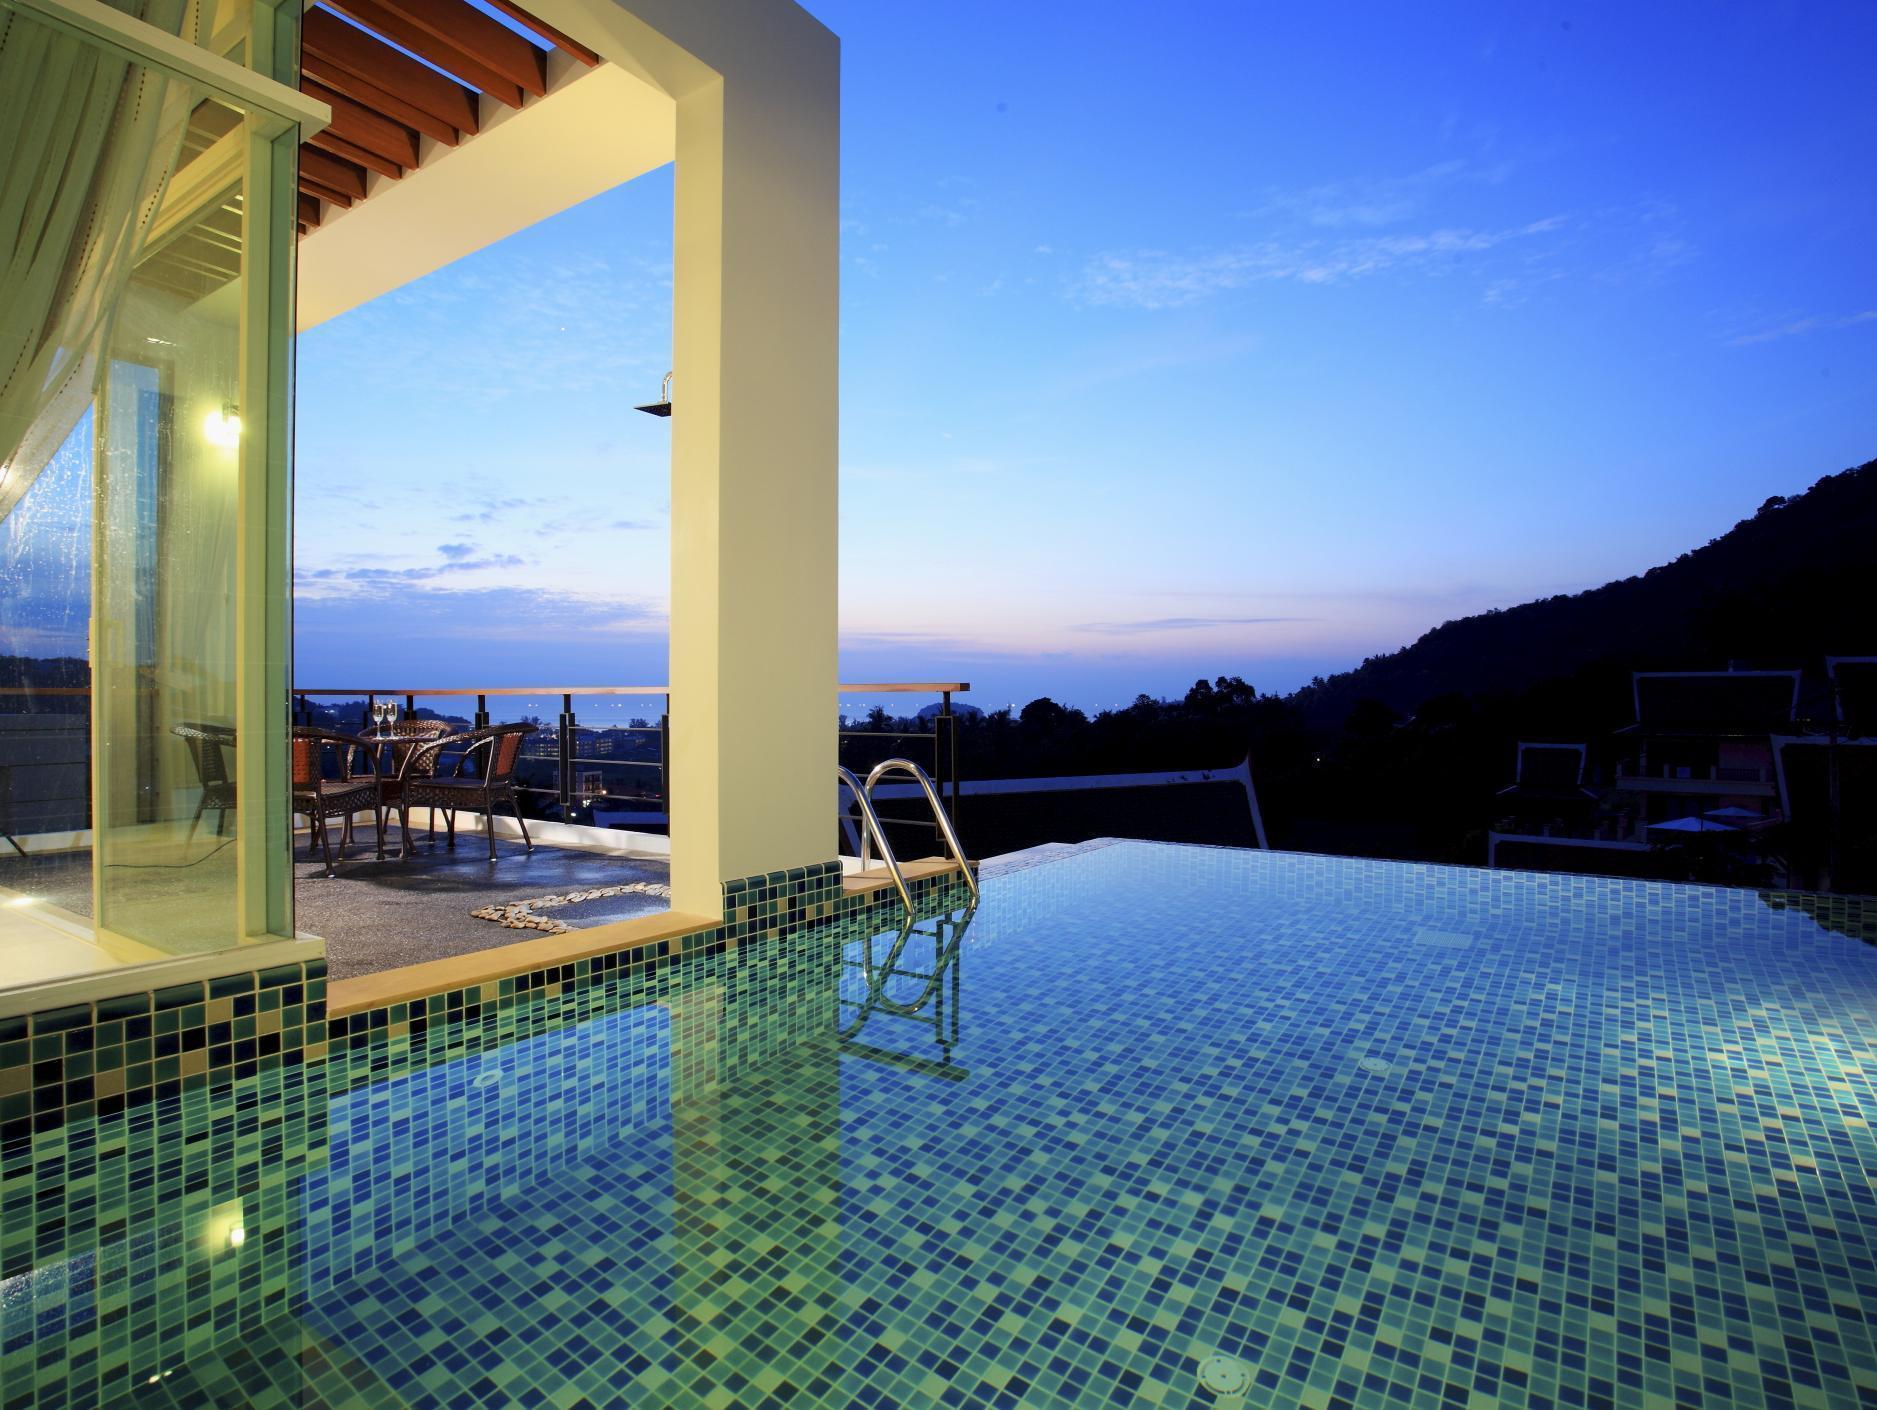 Hotell Kata Sea View Villas i Kata, Phuket. Klicka för att läsa mer och skicka bokningsförfrågan